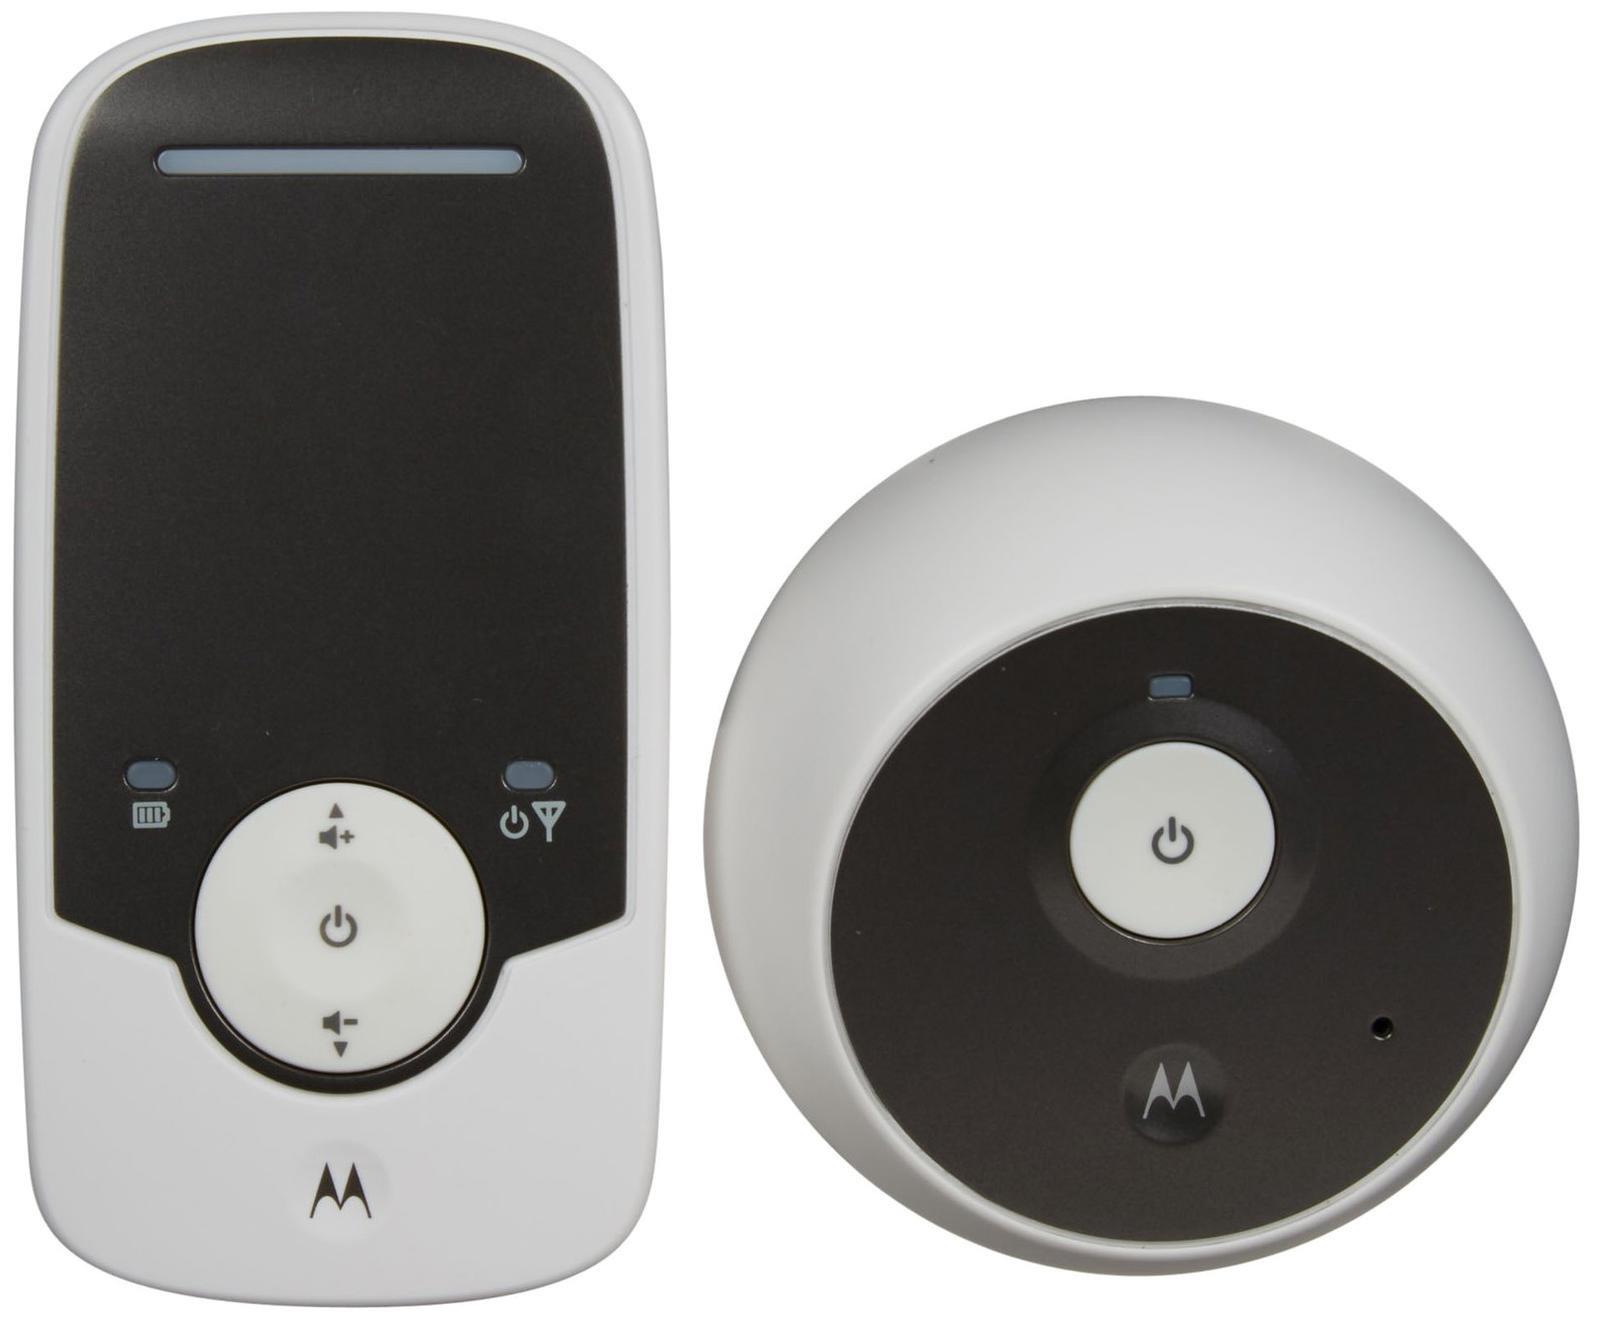 Радионяня Motorola MBP160Радионяня Motorola MBP 160 даст вам возможность спокойно заниматься домашними делами тогда, когда ребенок уже спит. Большая зона приема с предупреждением о выходе из зоны покрытия позволяет присматривать за ребенком на расстоянии. Главная особенность этой модели — это цифровая технология передачи сигнала на базе технологии DECT с подбором свободной частоты во избежание помех. В MBP 160 используется 100% приватный и защищенный сигнал между родителями и их малышом. Благодаря функции VOX Motorola MBP 160 реагирует лишь на звуки ребенка и игнорирует посторонние шумы.<br>